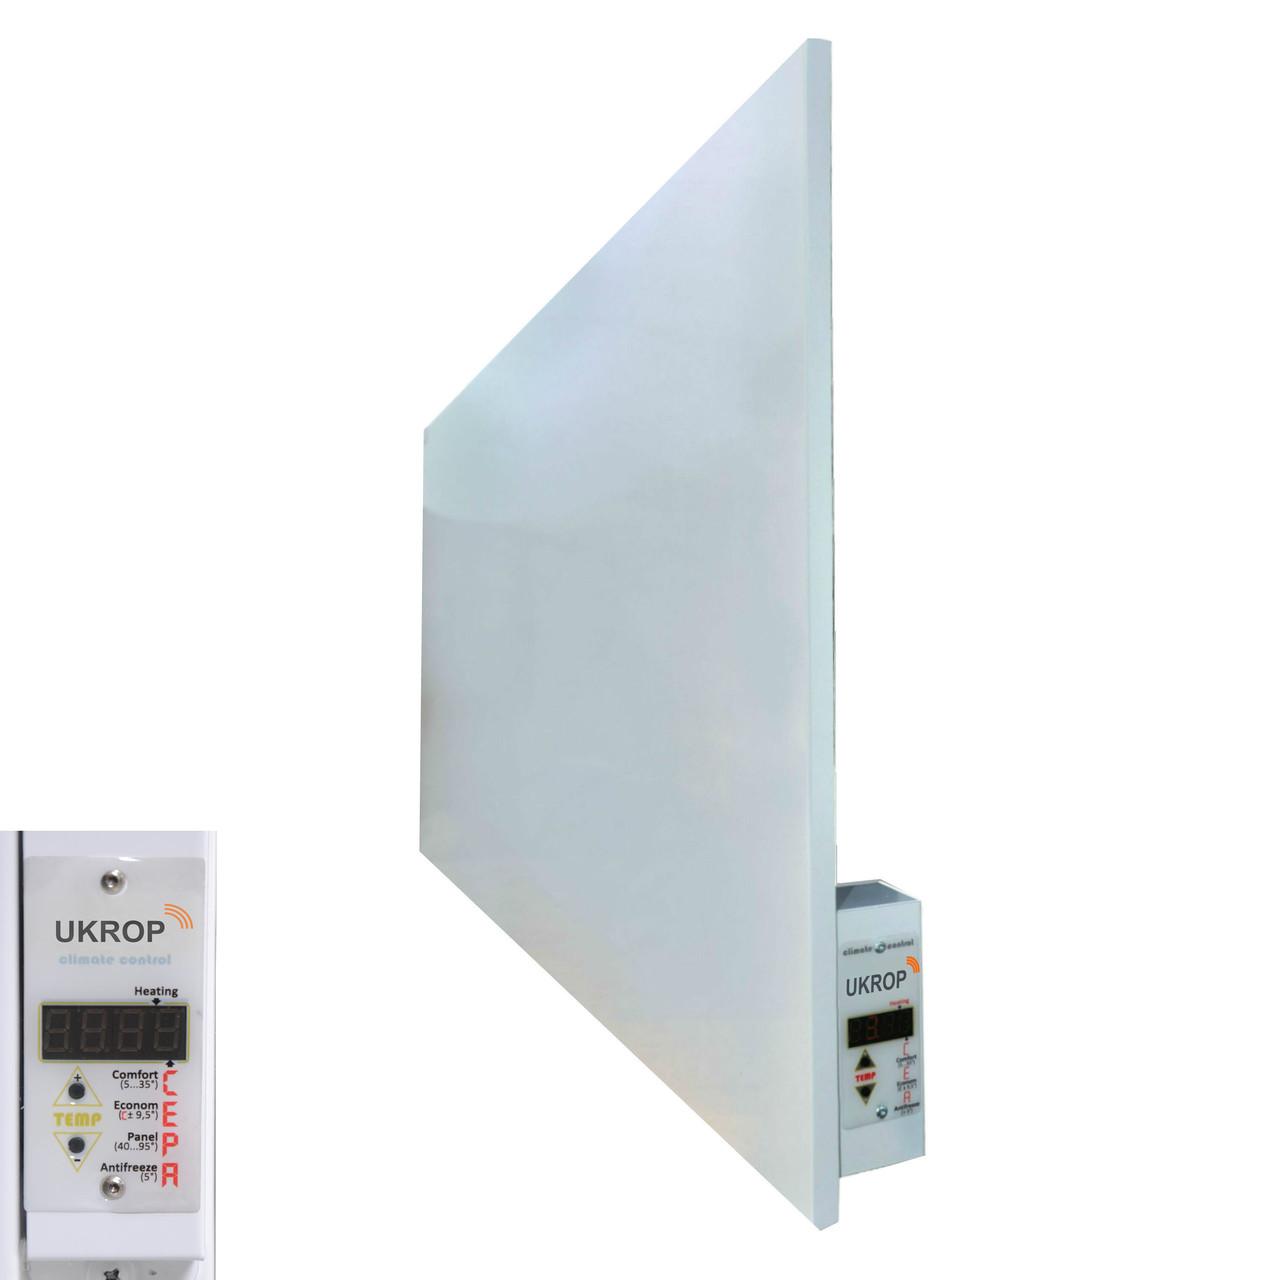 УЦІНКА! UKROP М 700ВТ розумний обігрівач з цифровим терморегулятором інфрачервона панель